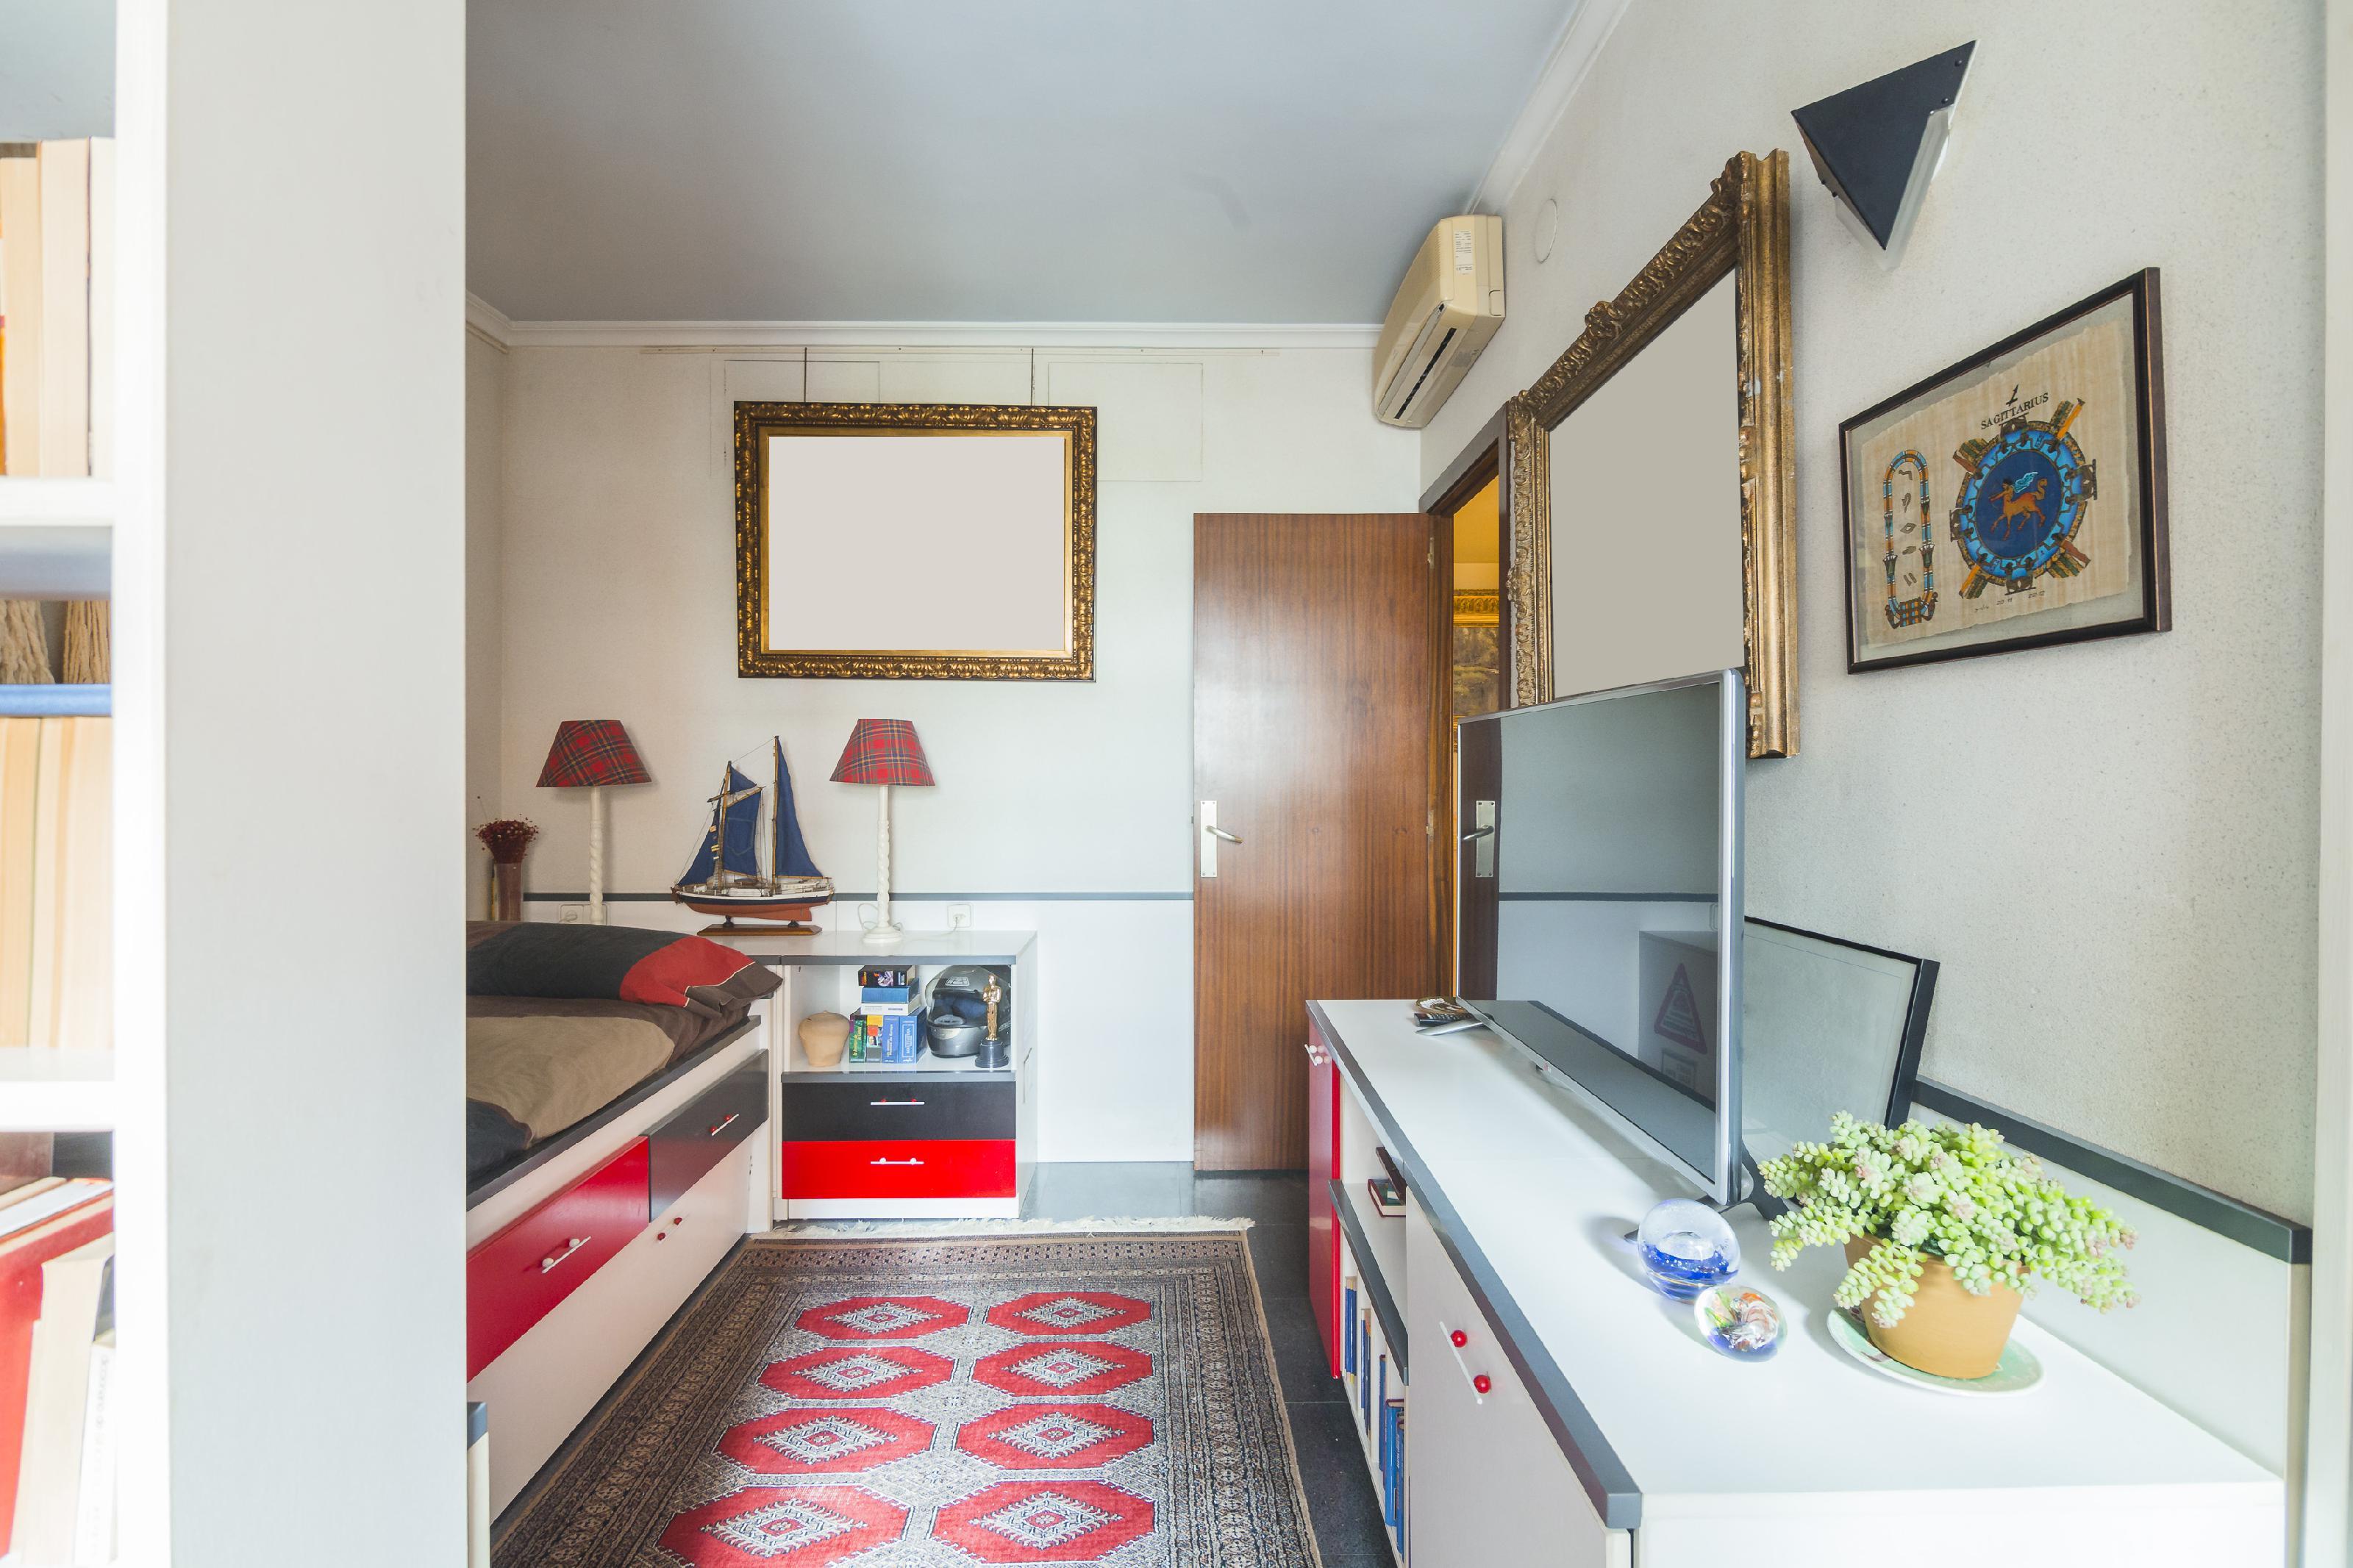 246837 Flat for sale in Sarrià-Sant Gervasi, Sarrià 19